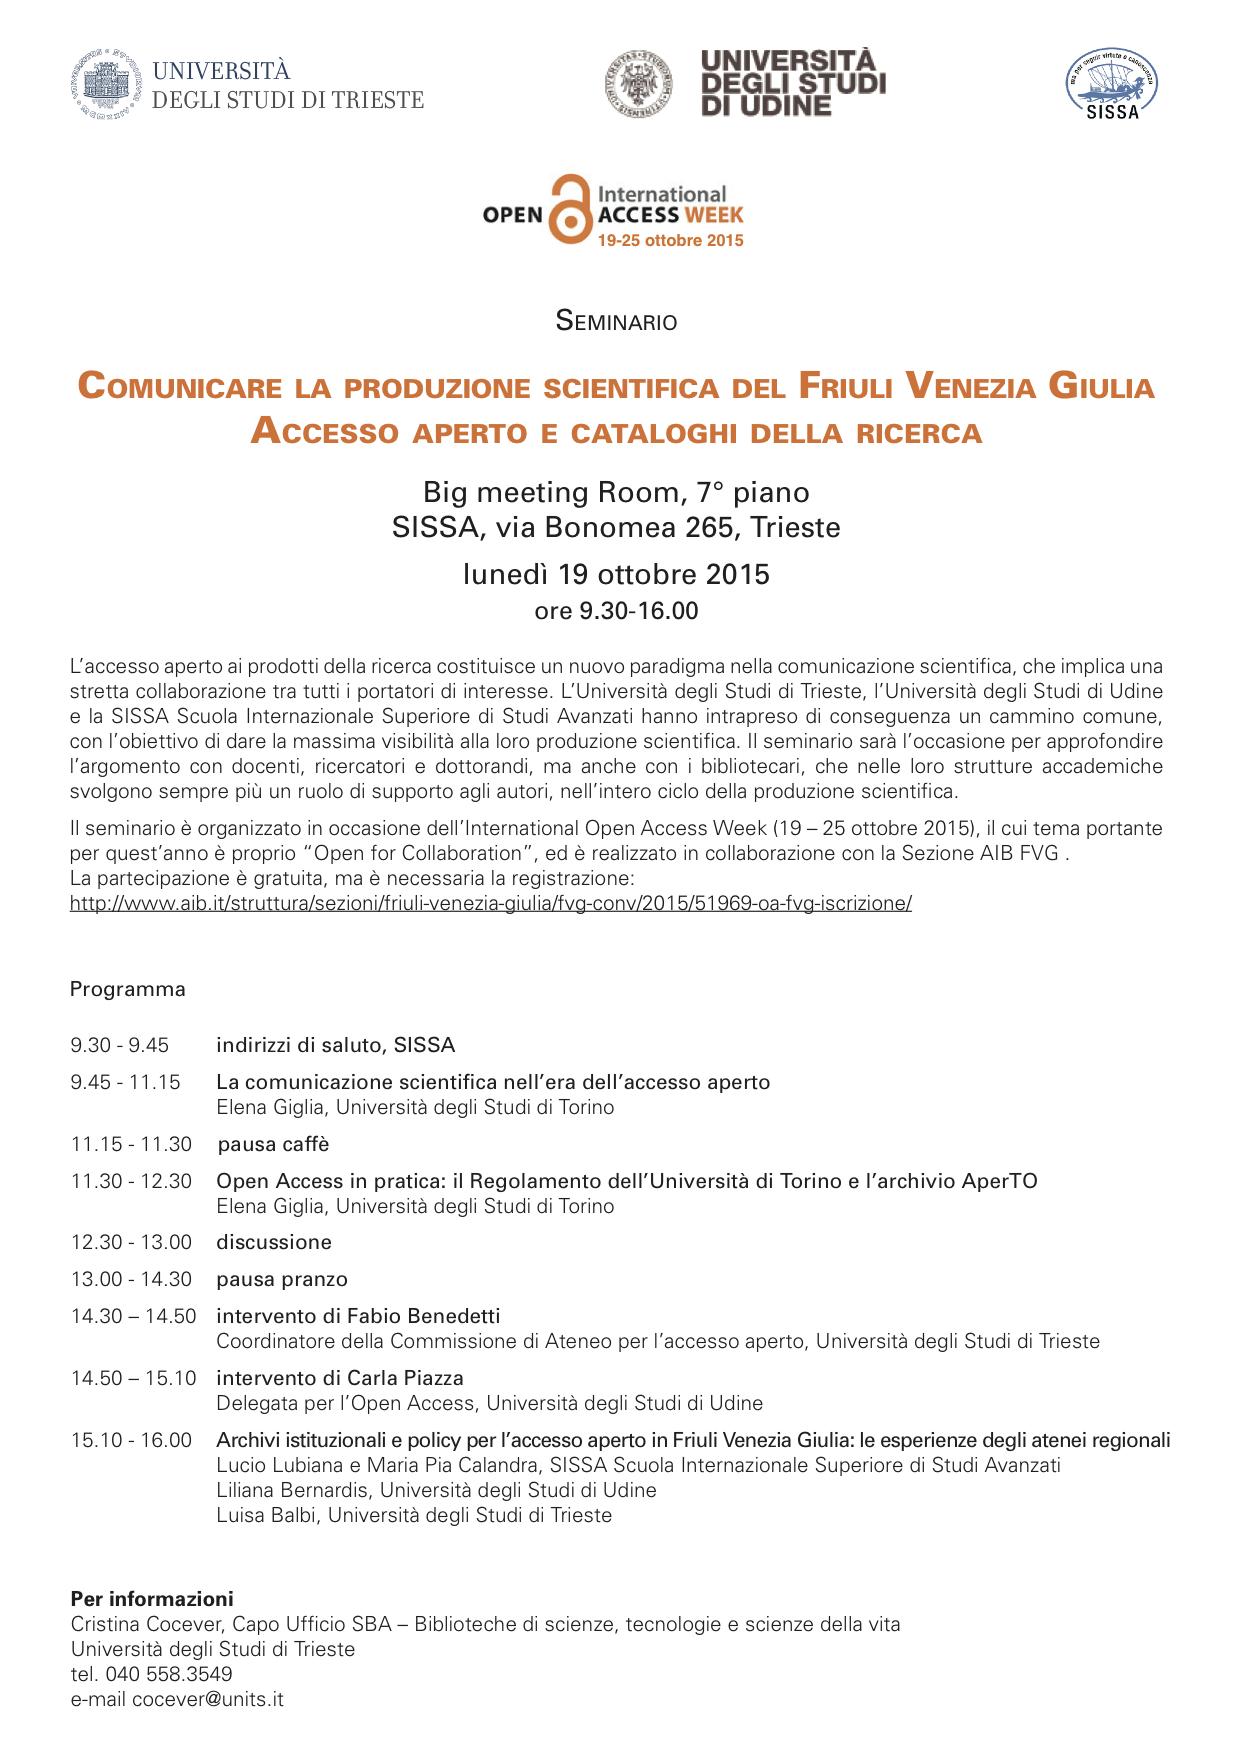 Comunicare la produzione scientifica del FVG. Accesso aperto e cataloghi della ricerca - Trieste, 19 ottobre 2015